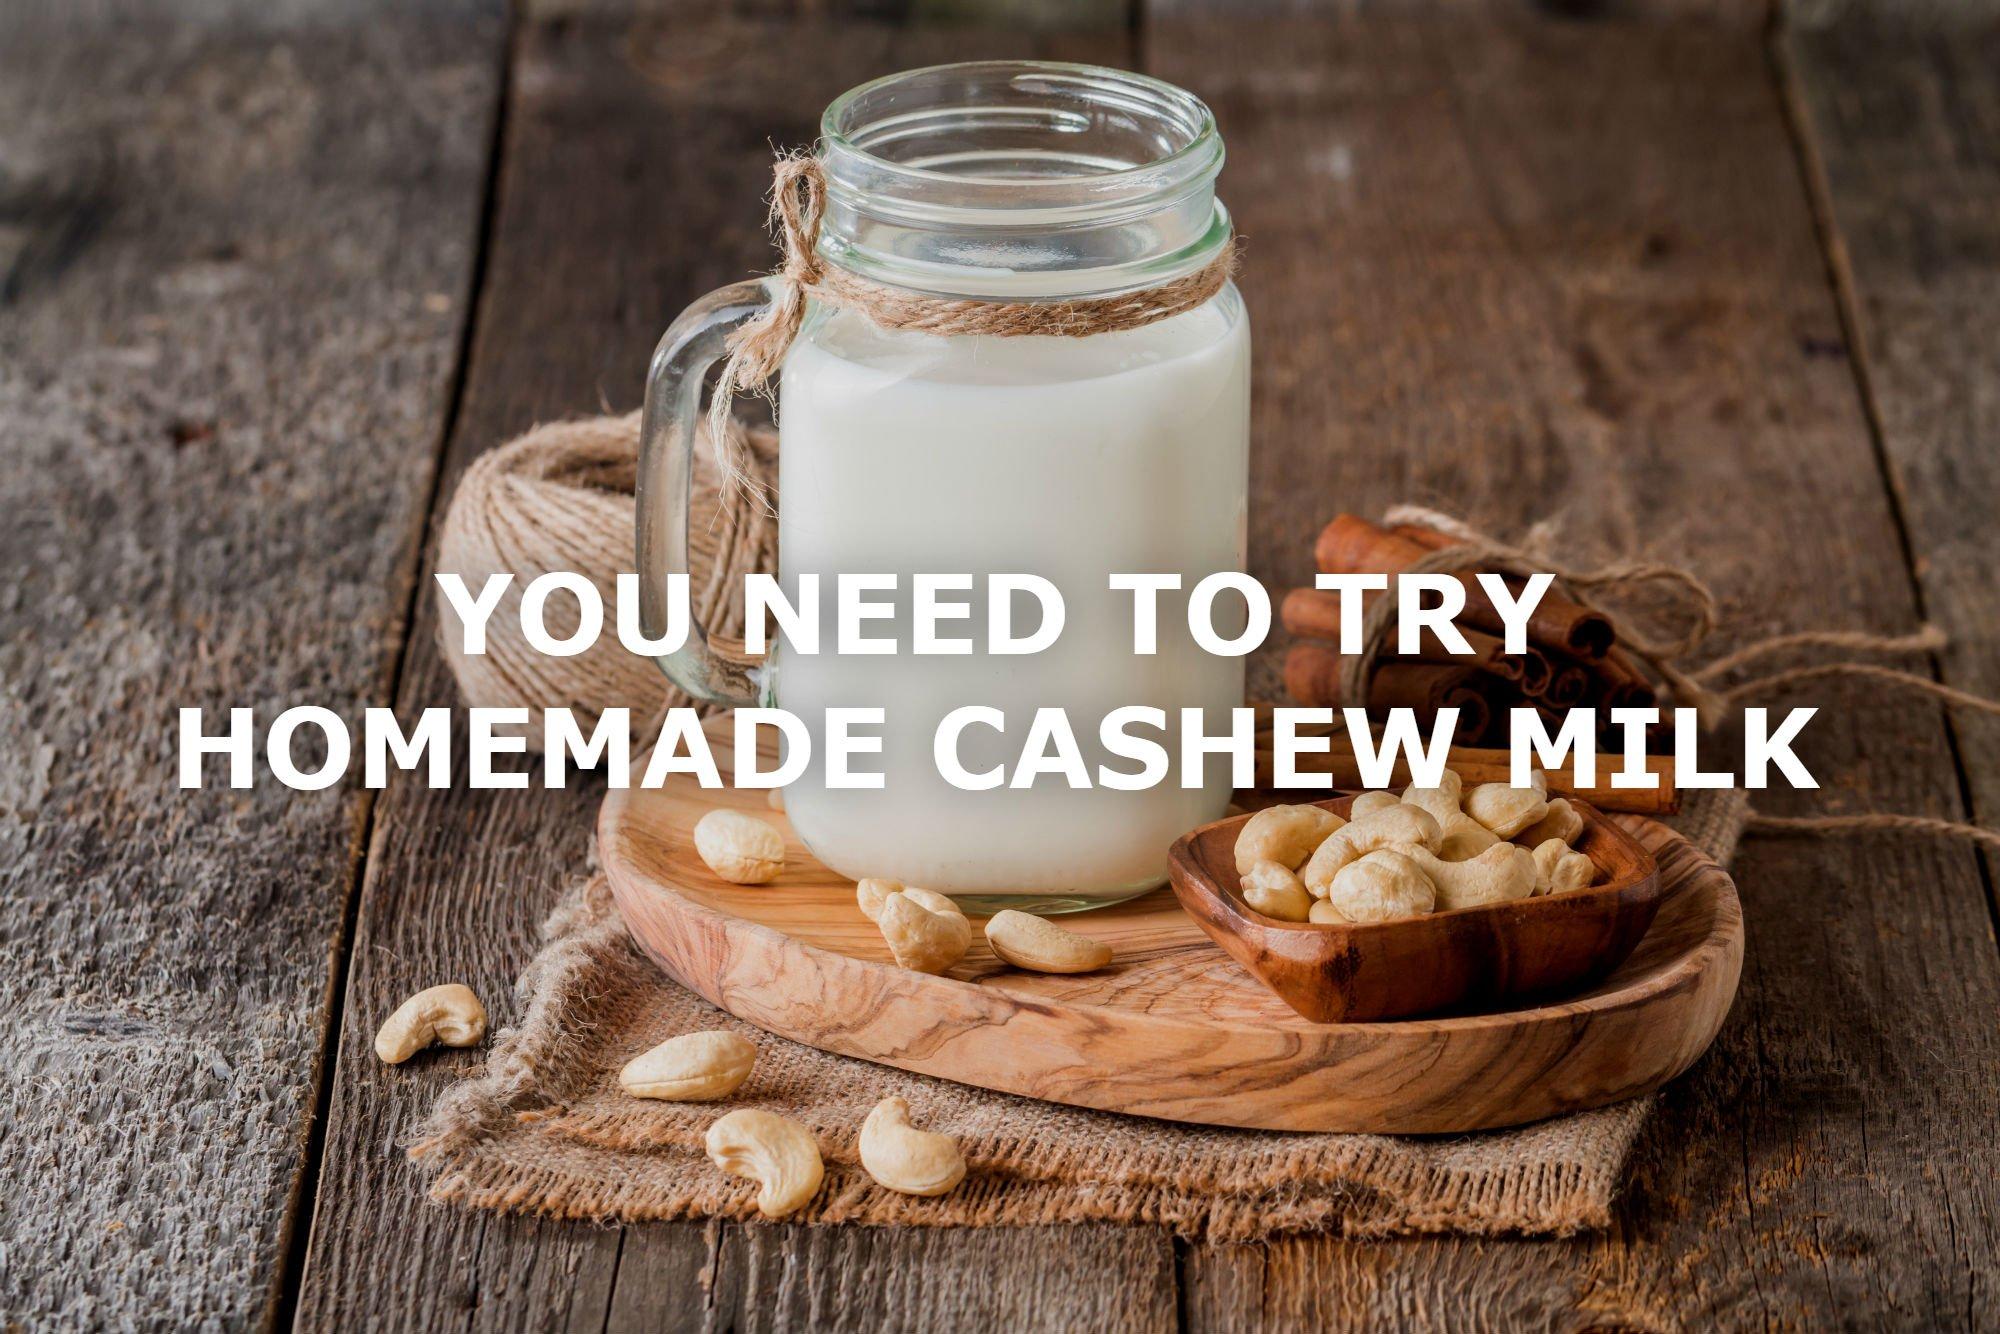 NOT AN ALMOND MILK FAN? TRY HOMEMADE CASHEW MILK